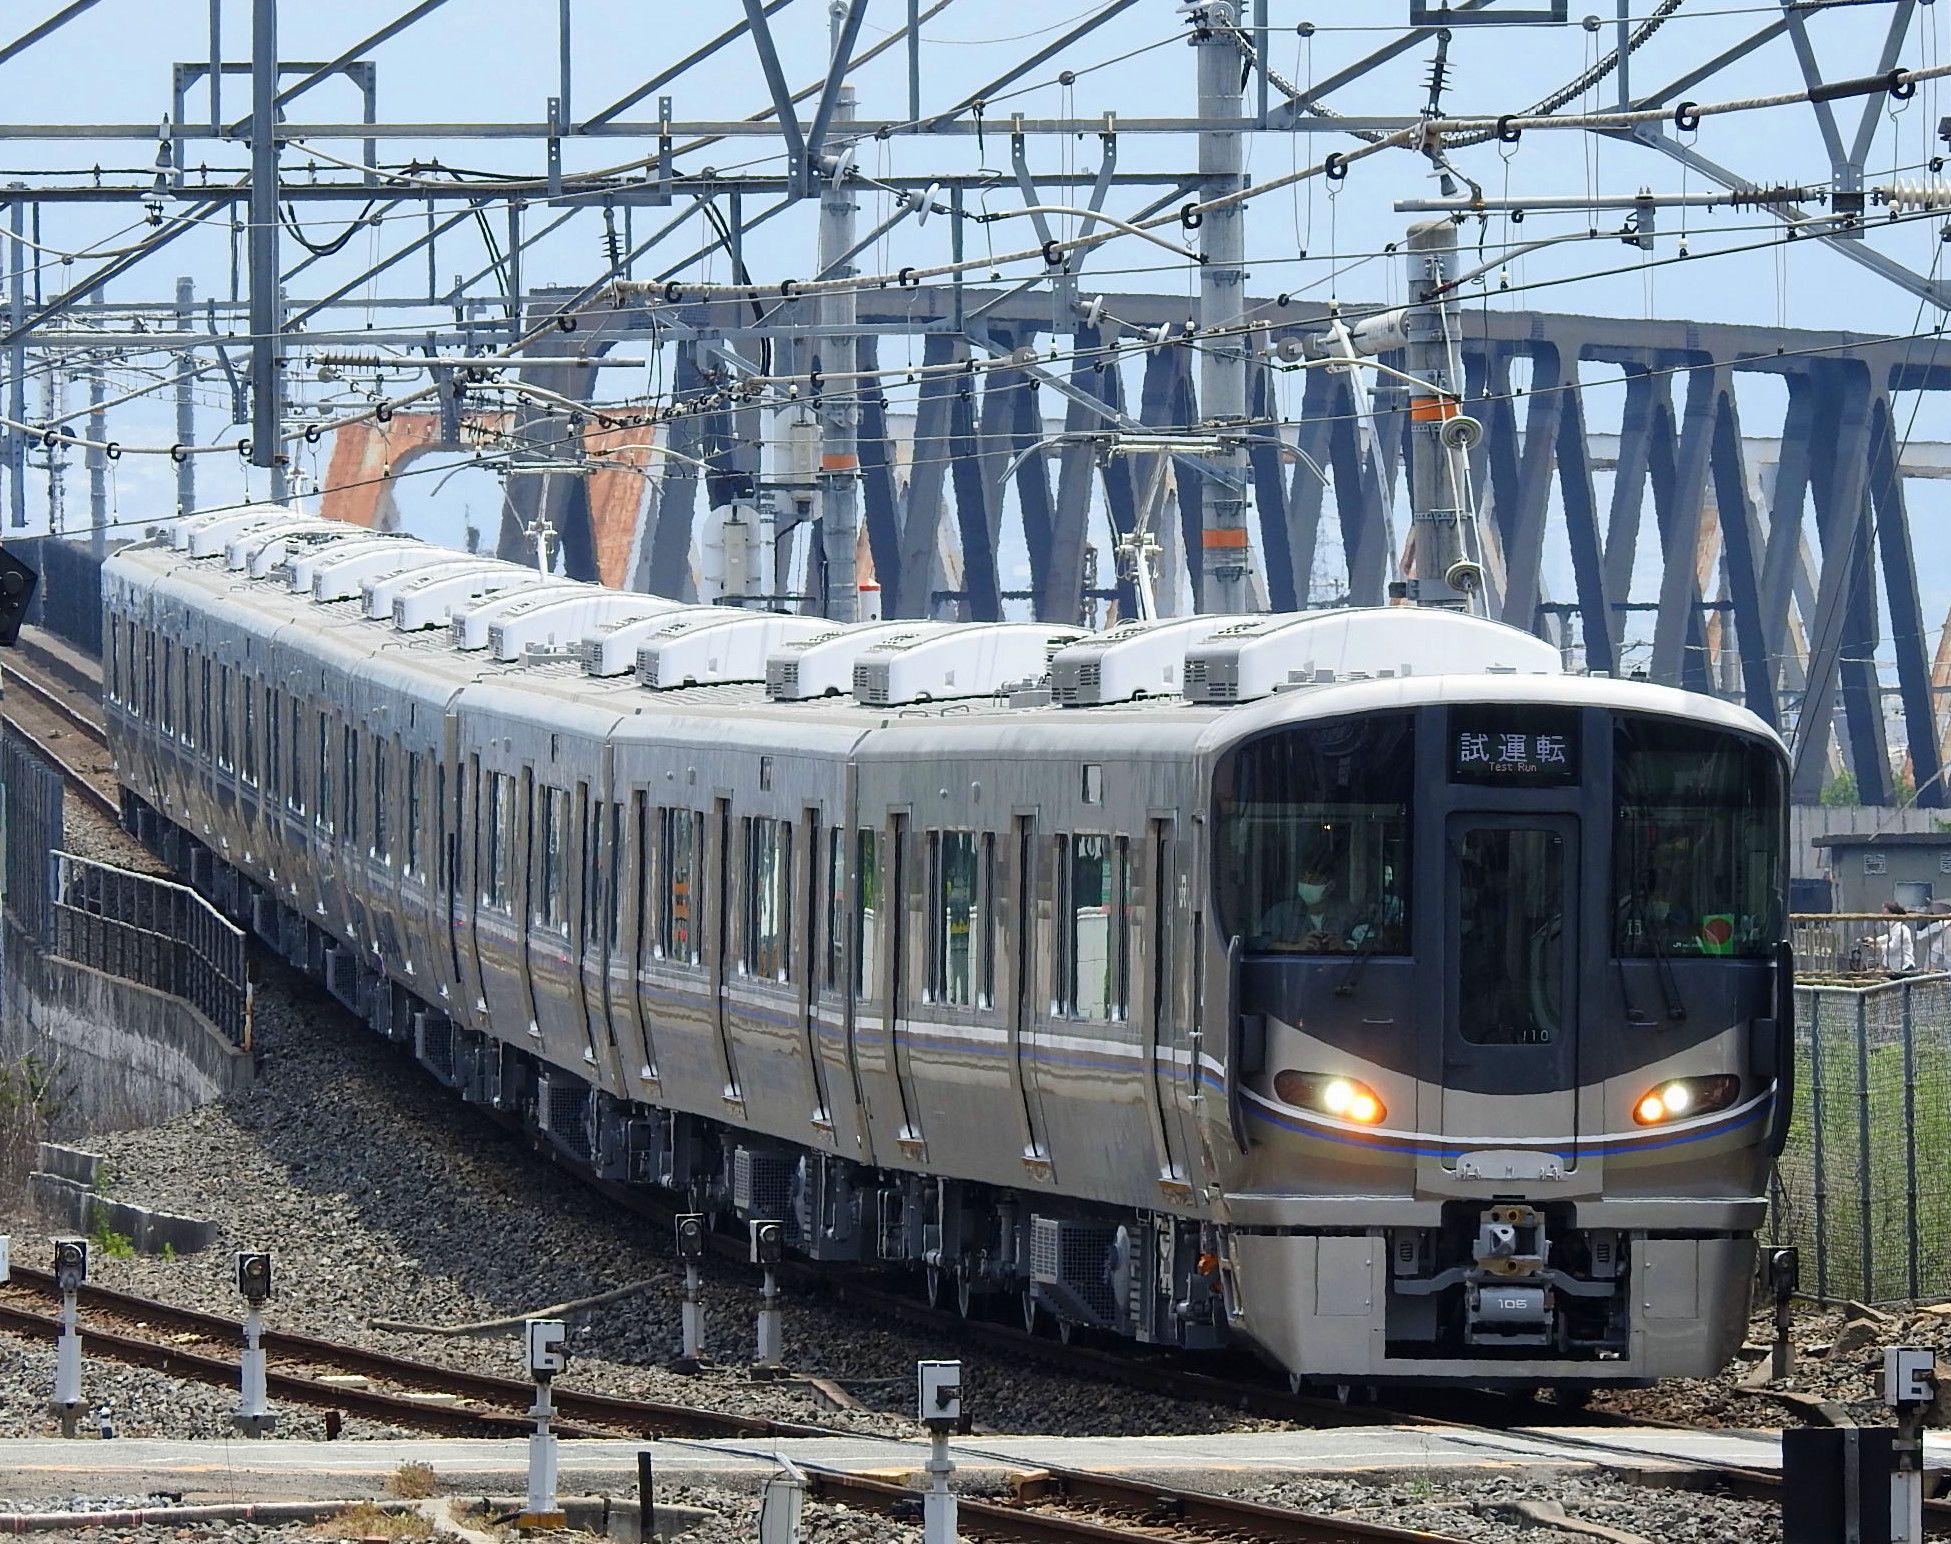 225系100番台出場 | 新なかさんの鉄道のんびり村 - 楽天ブログ